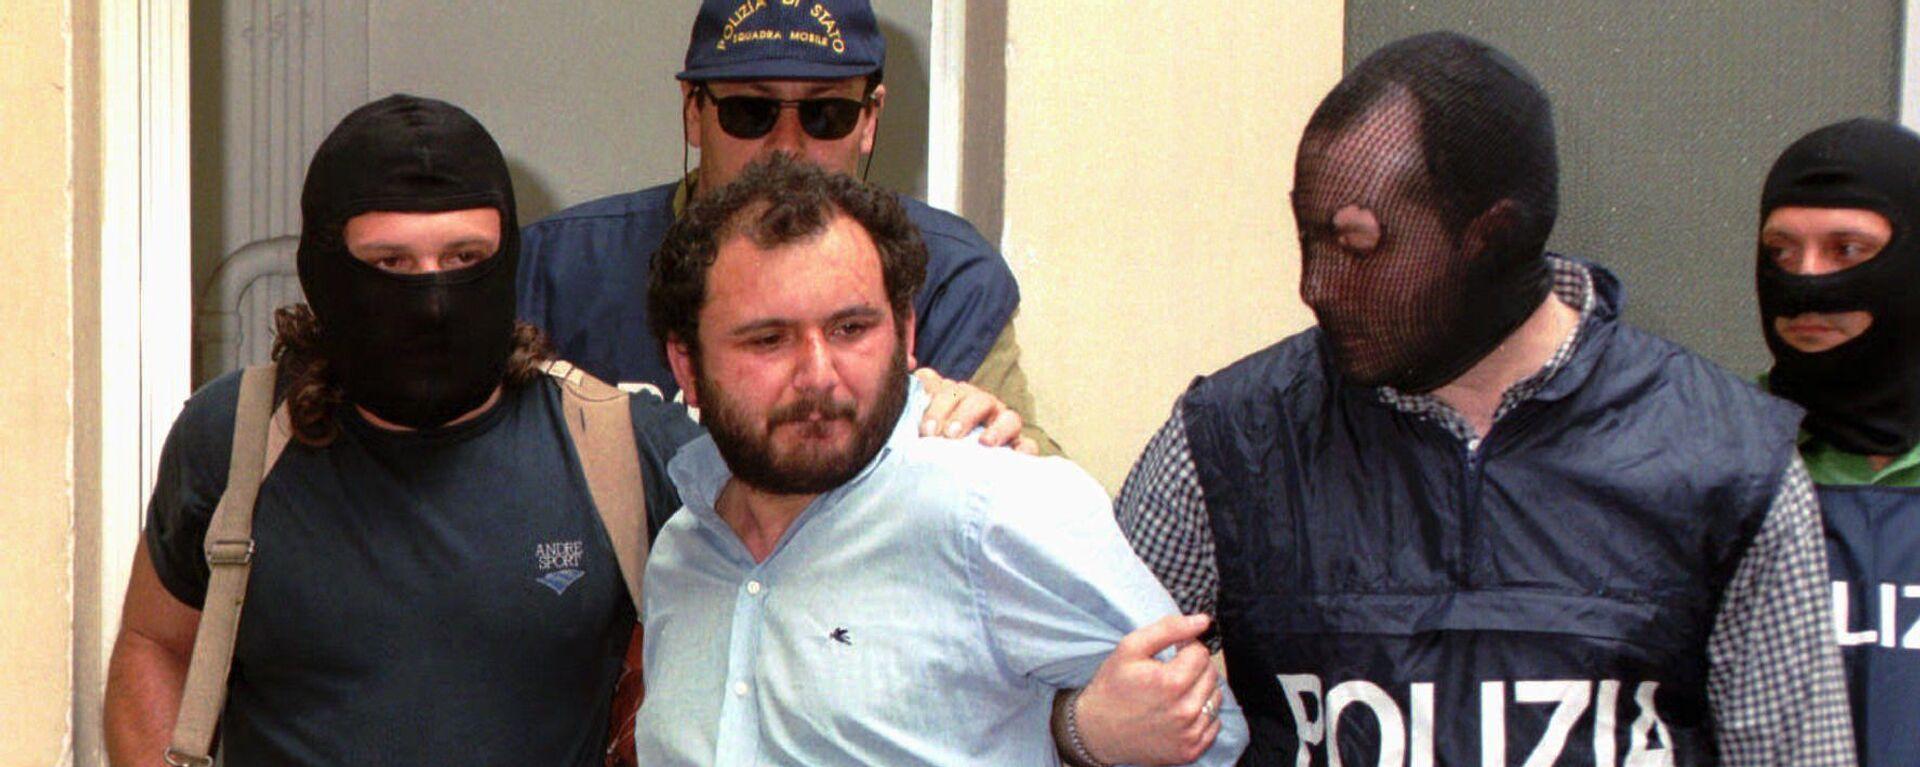 L'arresto di Giovanni Brusca - Sputnik Italia, 1920, 31.05.2021